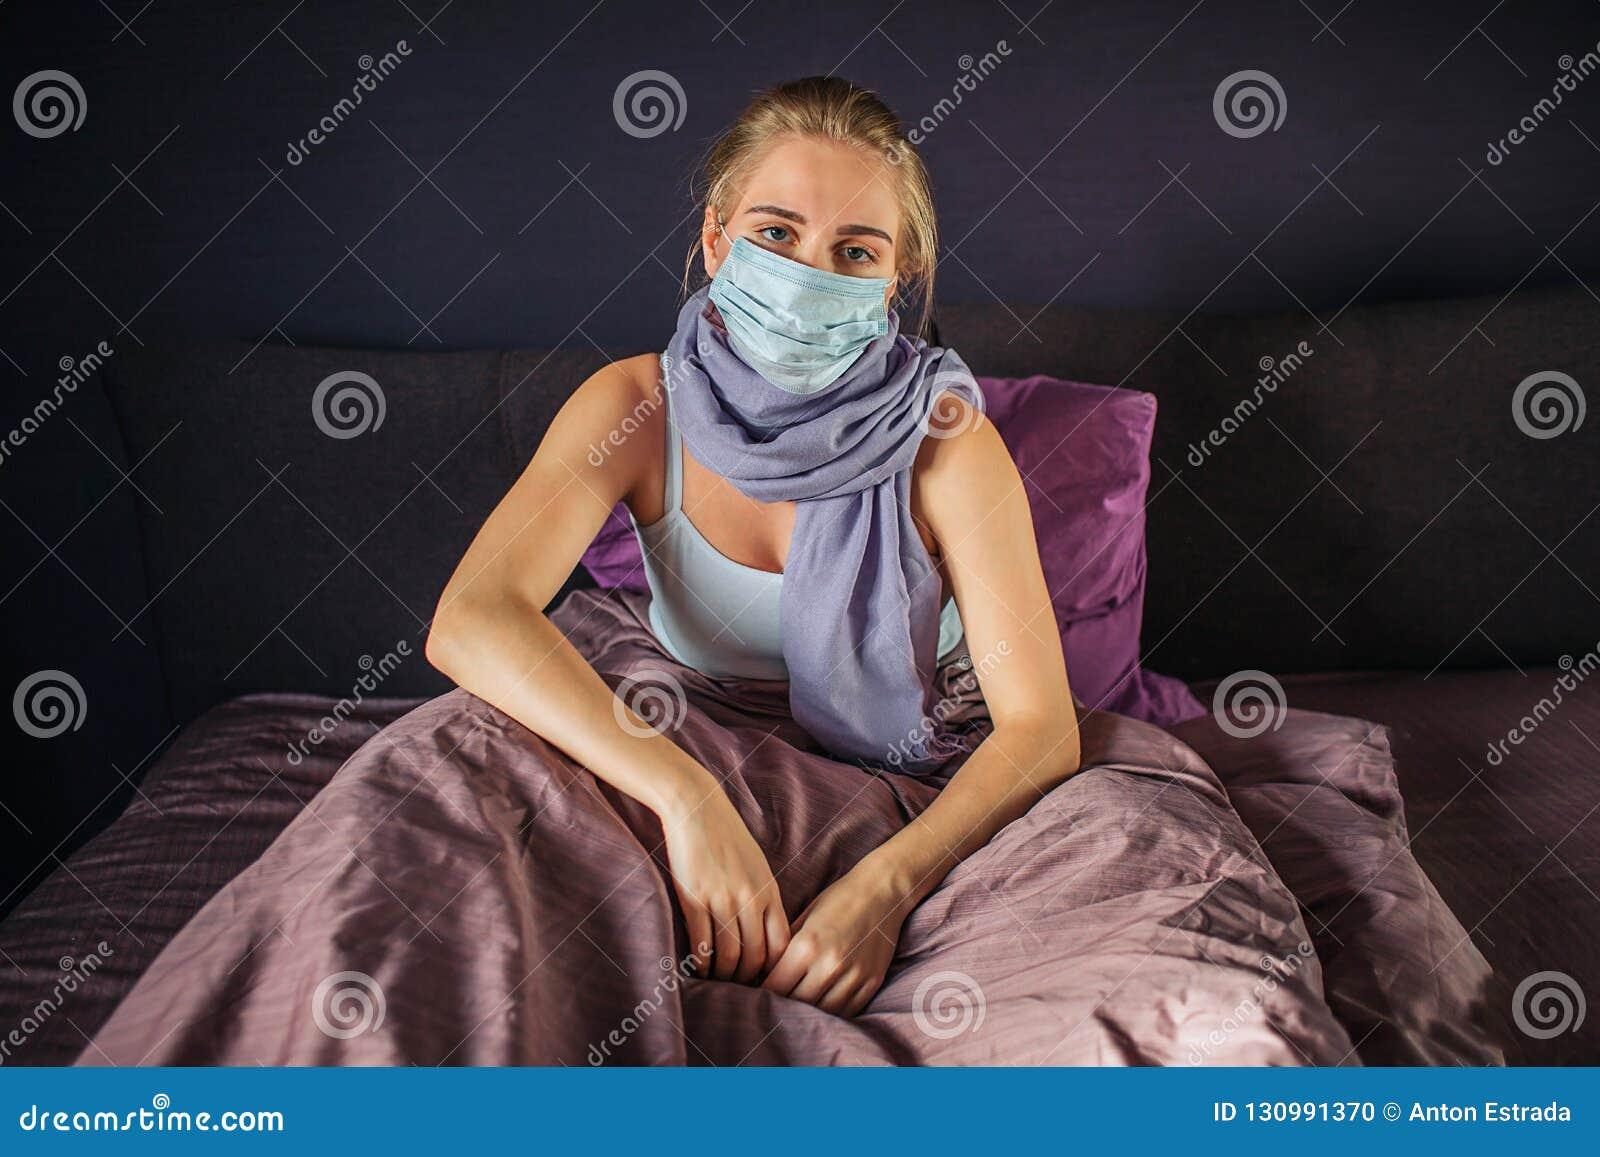 De stille en ernstige besmette jonge vrouw zit op bed en kijkt op camera Zij is omvat met deken De jonge vrouw heeft